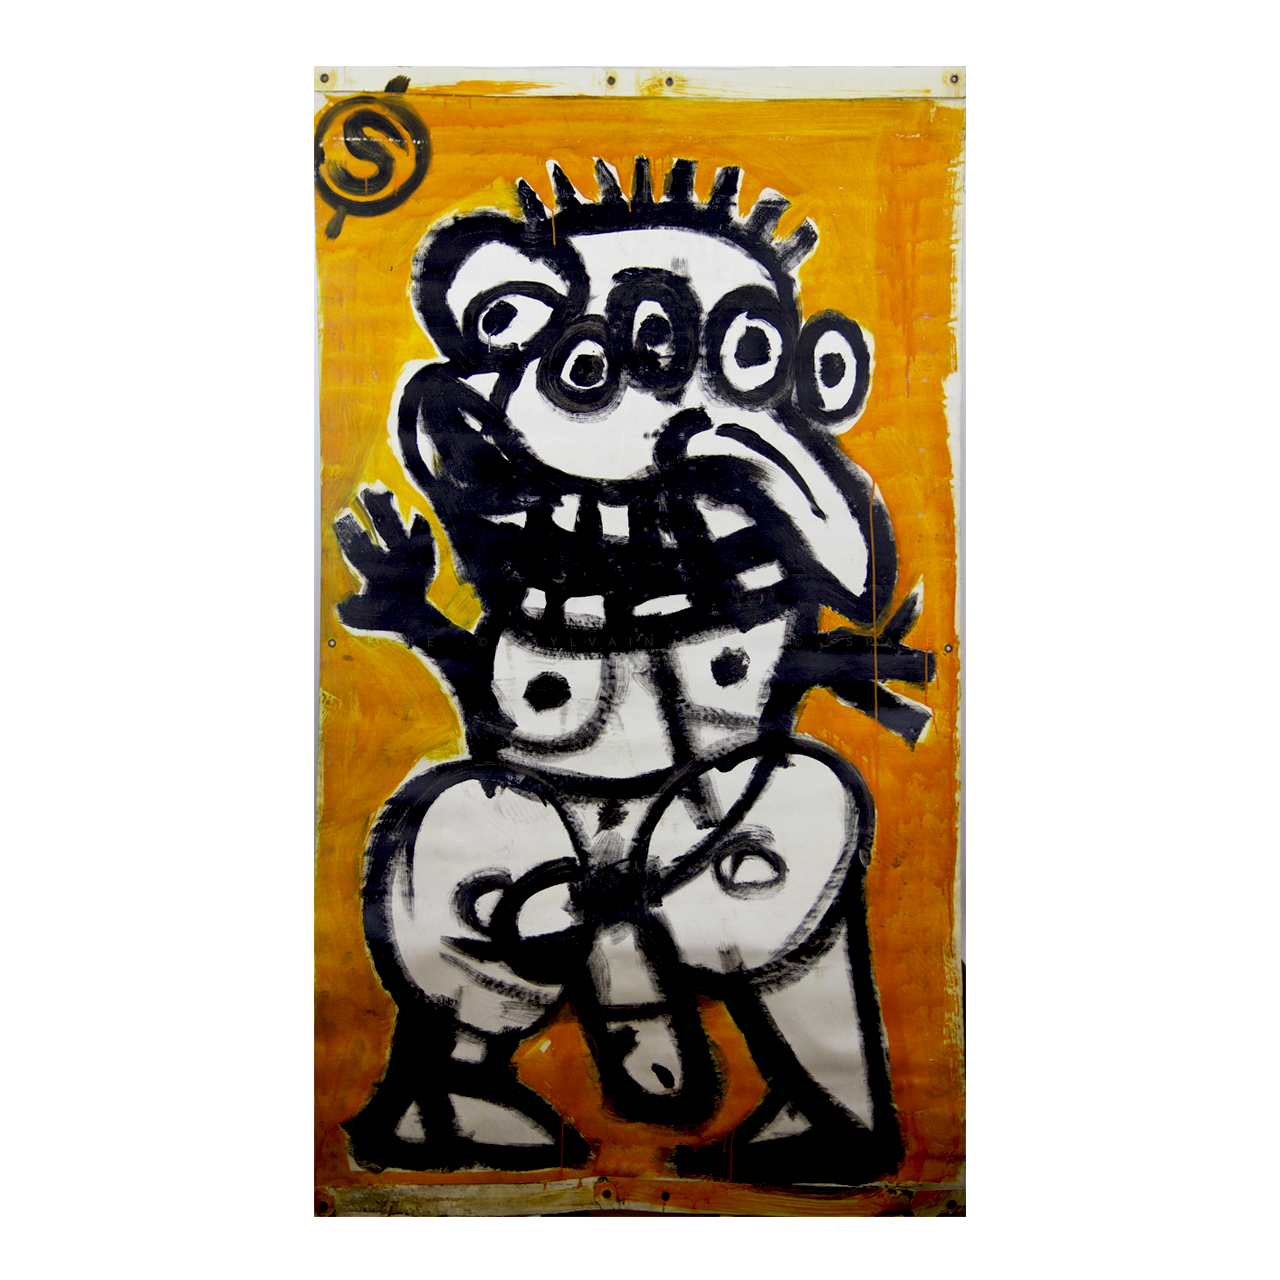 sylvain-pare-spare-artwork-1280x1280_IMG_0562.jpg